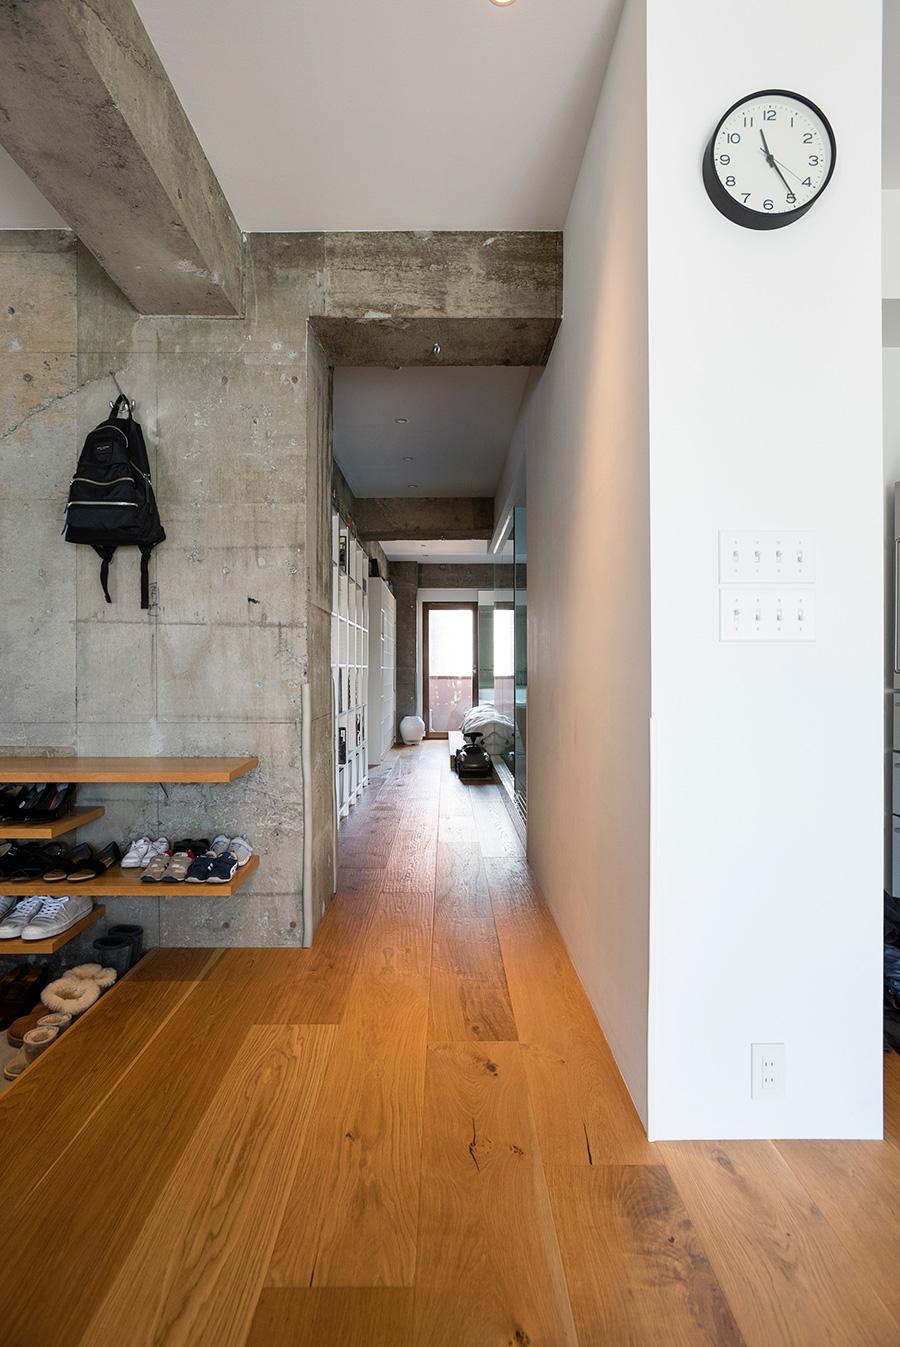 幅広の、表面感のあるオークのフローリングが表情を生む。白い壁の向こうはパントリー。